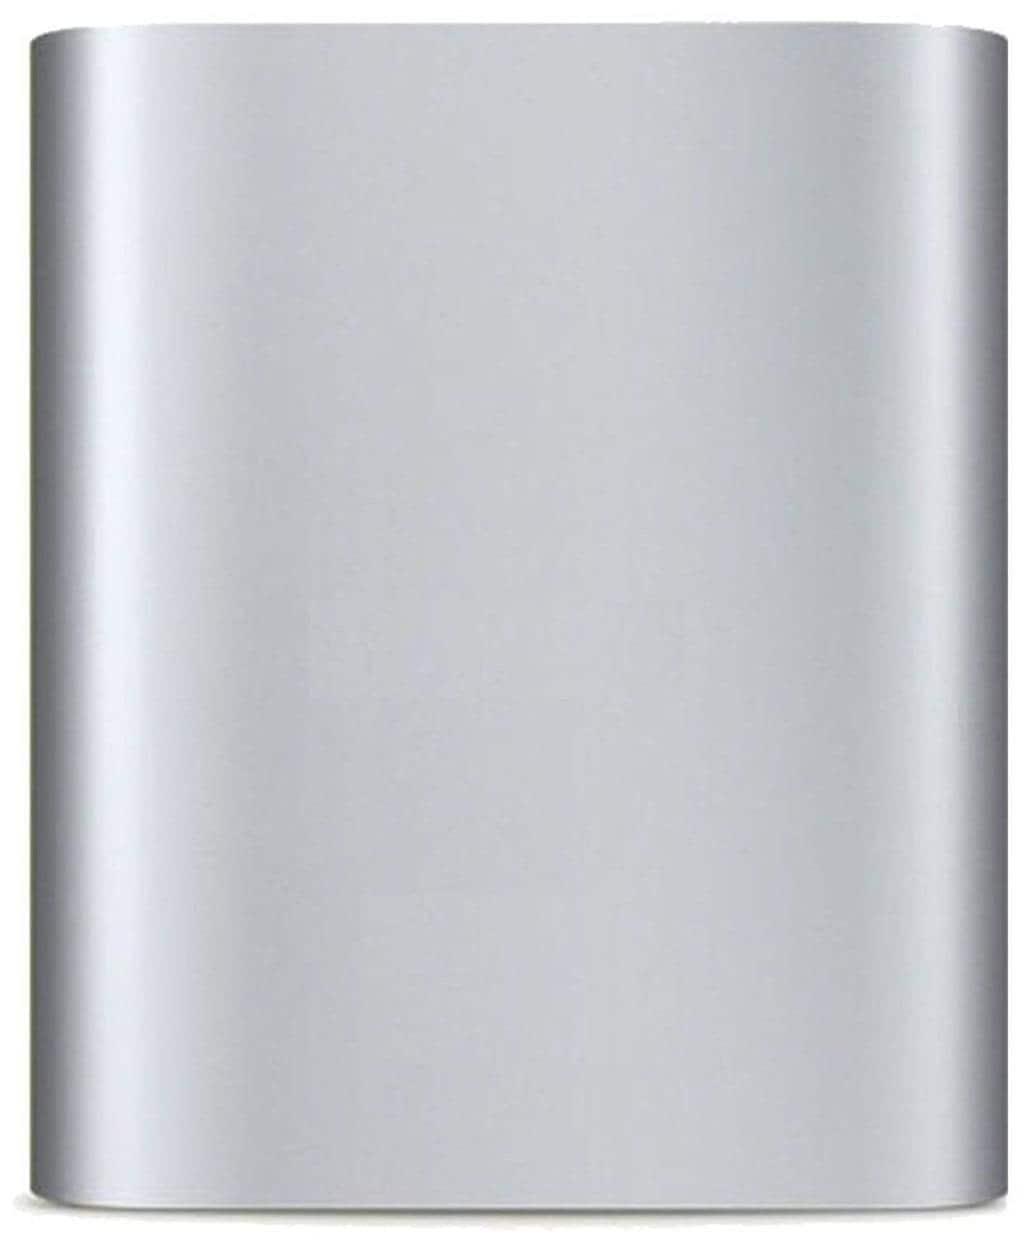 Fedito 10400 MAh Power Bank (Silver, PB-10400)